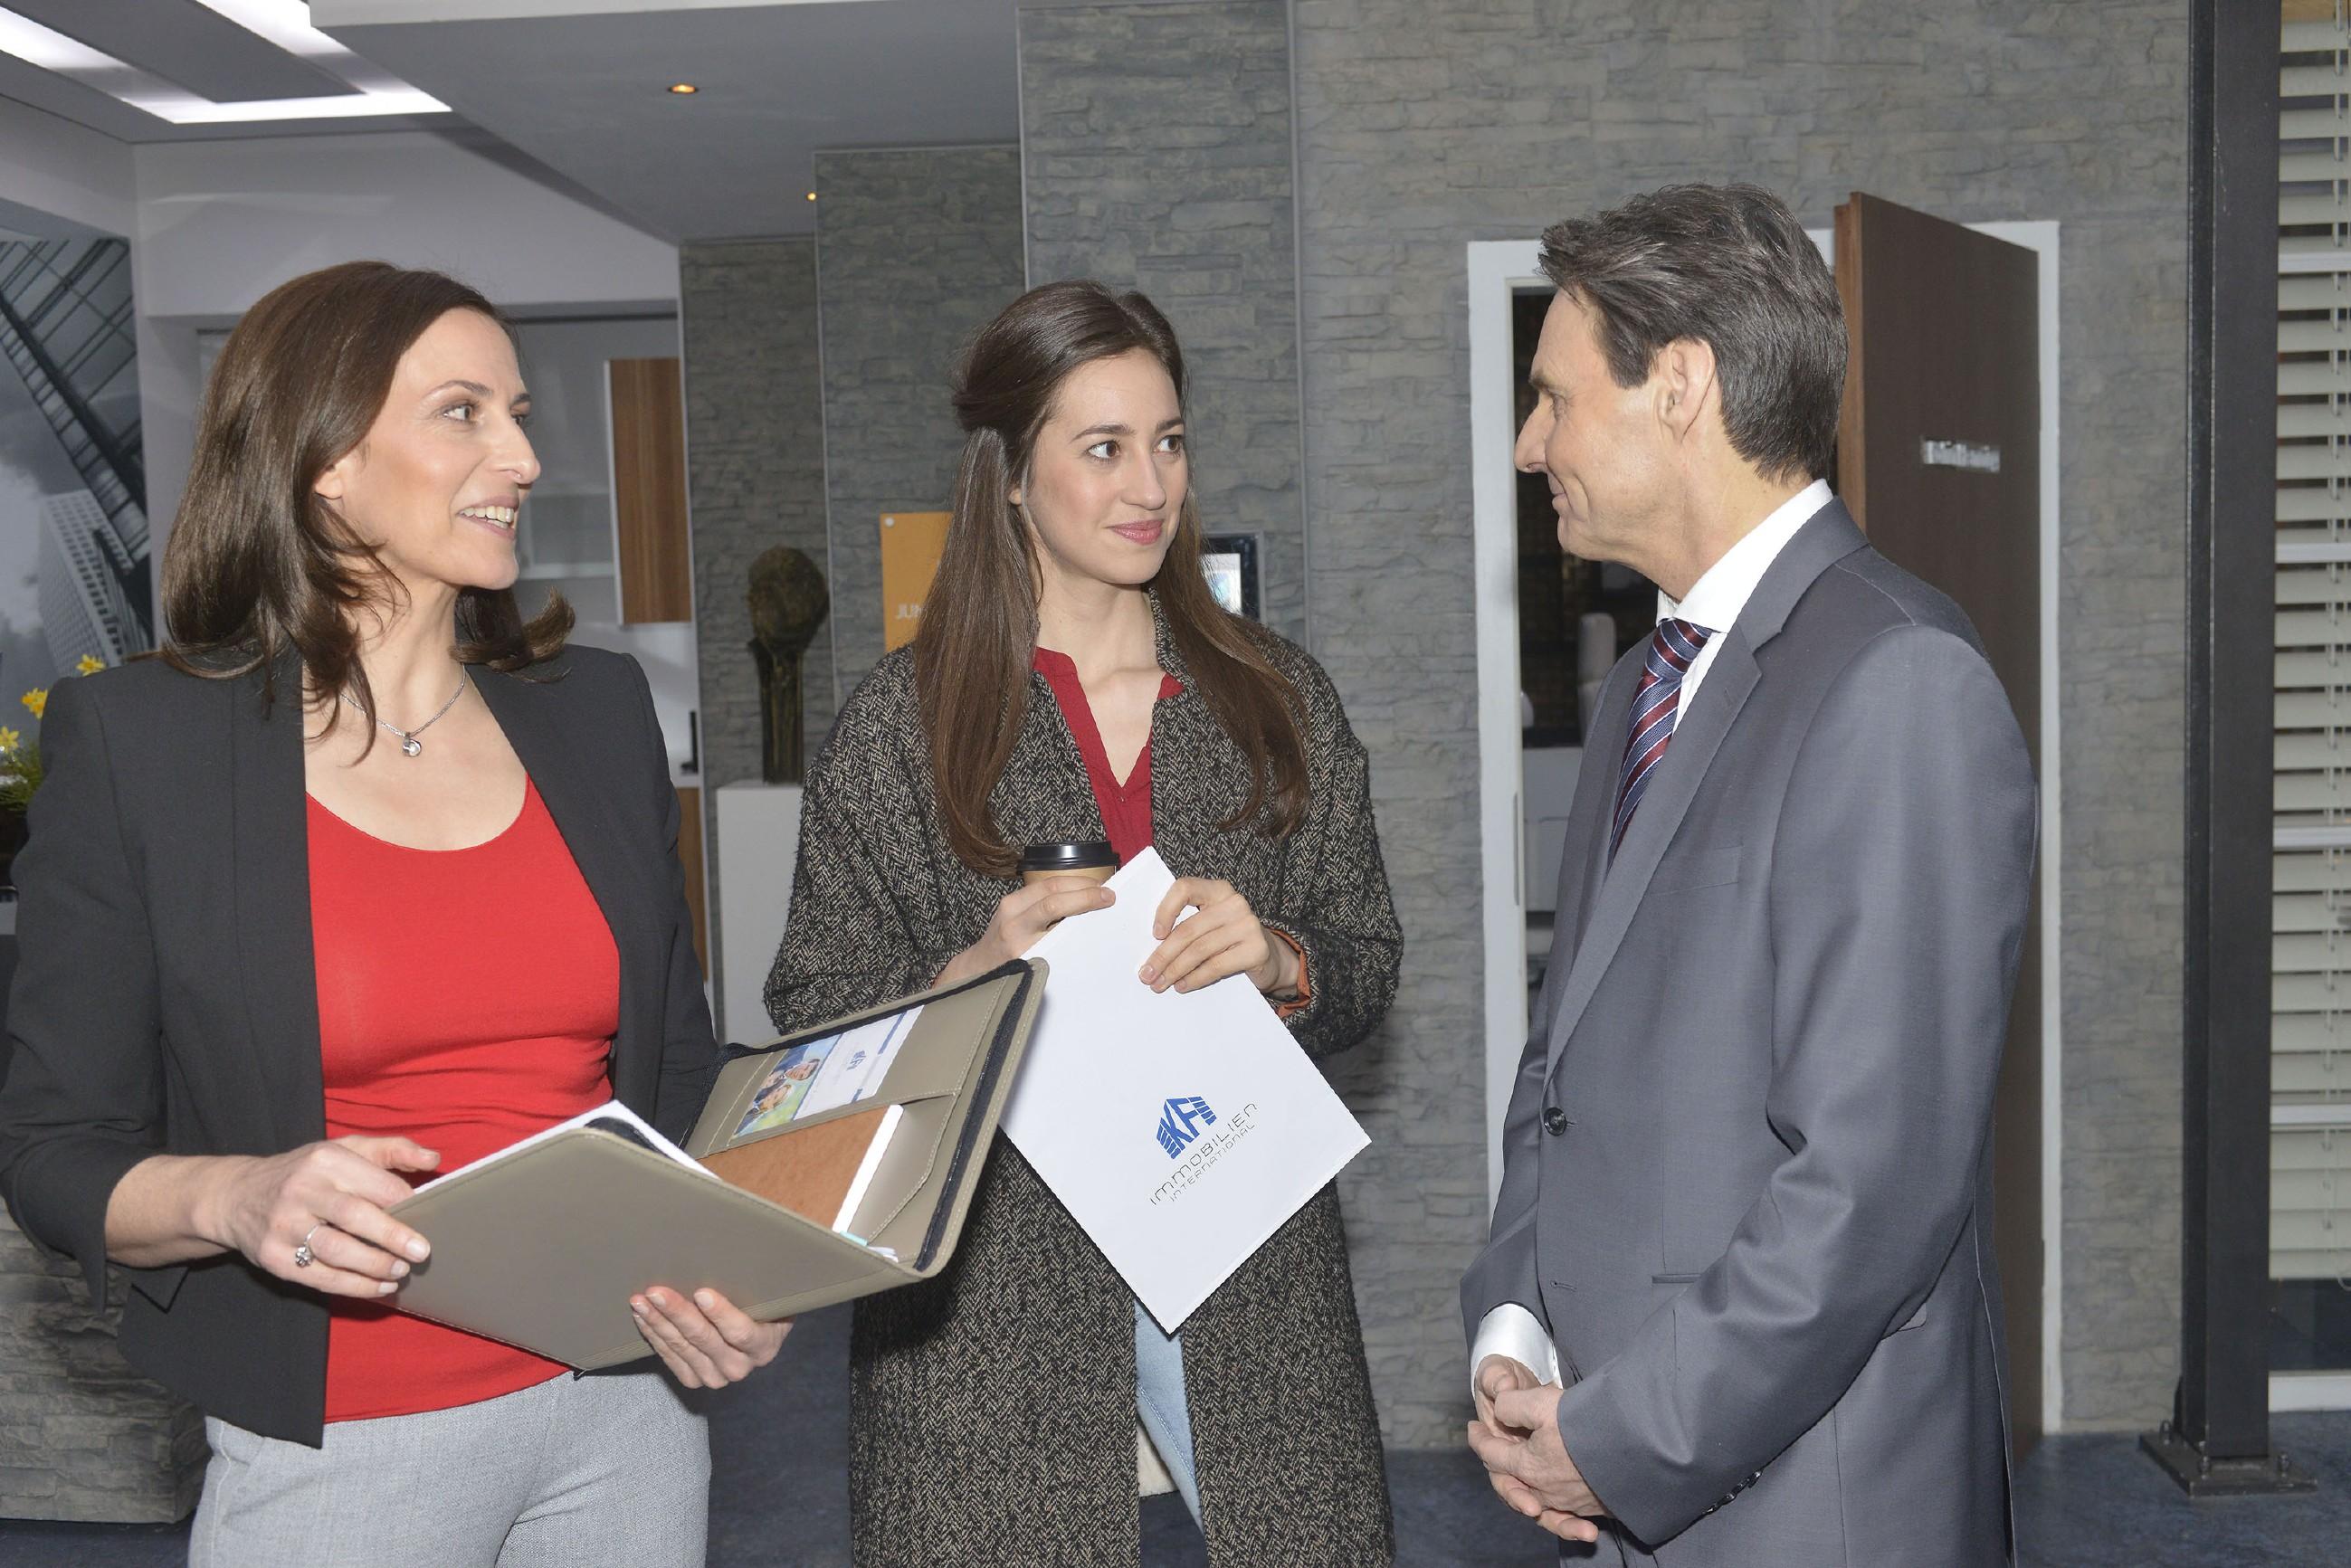 Katrin (Ulrike Frank, l.) entgeht nicht, dass Elena (Elena Garcia Gerlach) und Gerner (Wolfgang Bahro) sich nähergekommen sind. (Quelle: RTL / Rolf Baumgartner)